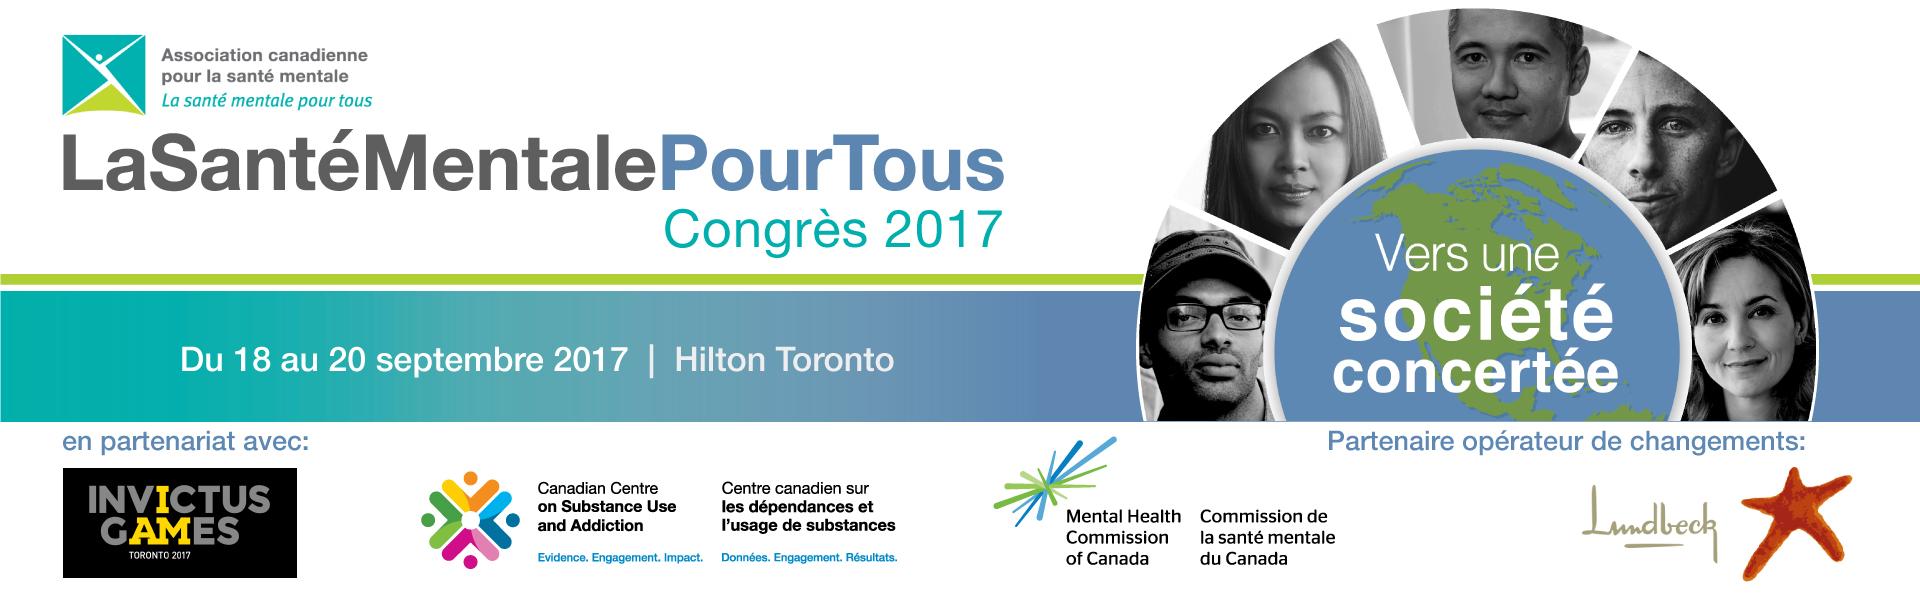 Prévoyez assister au deuxième Congrès annuel « La santé mentale pour tous » du 18 au 20 septembre